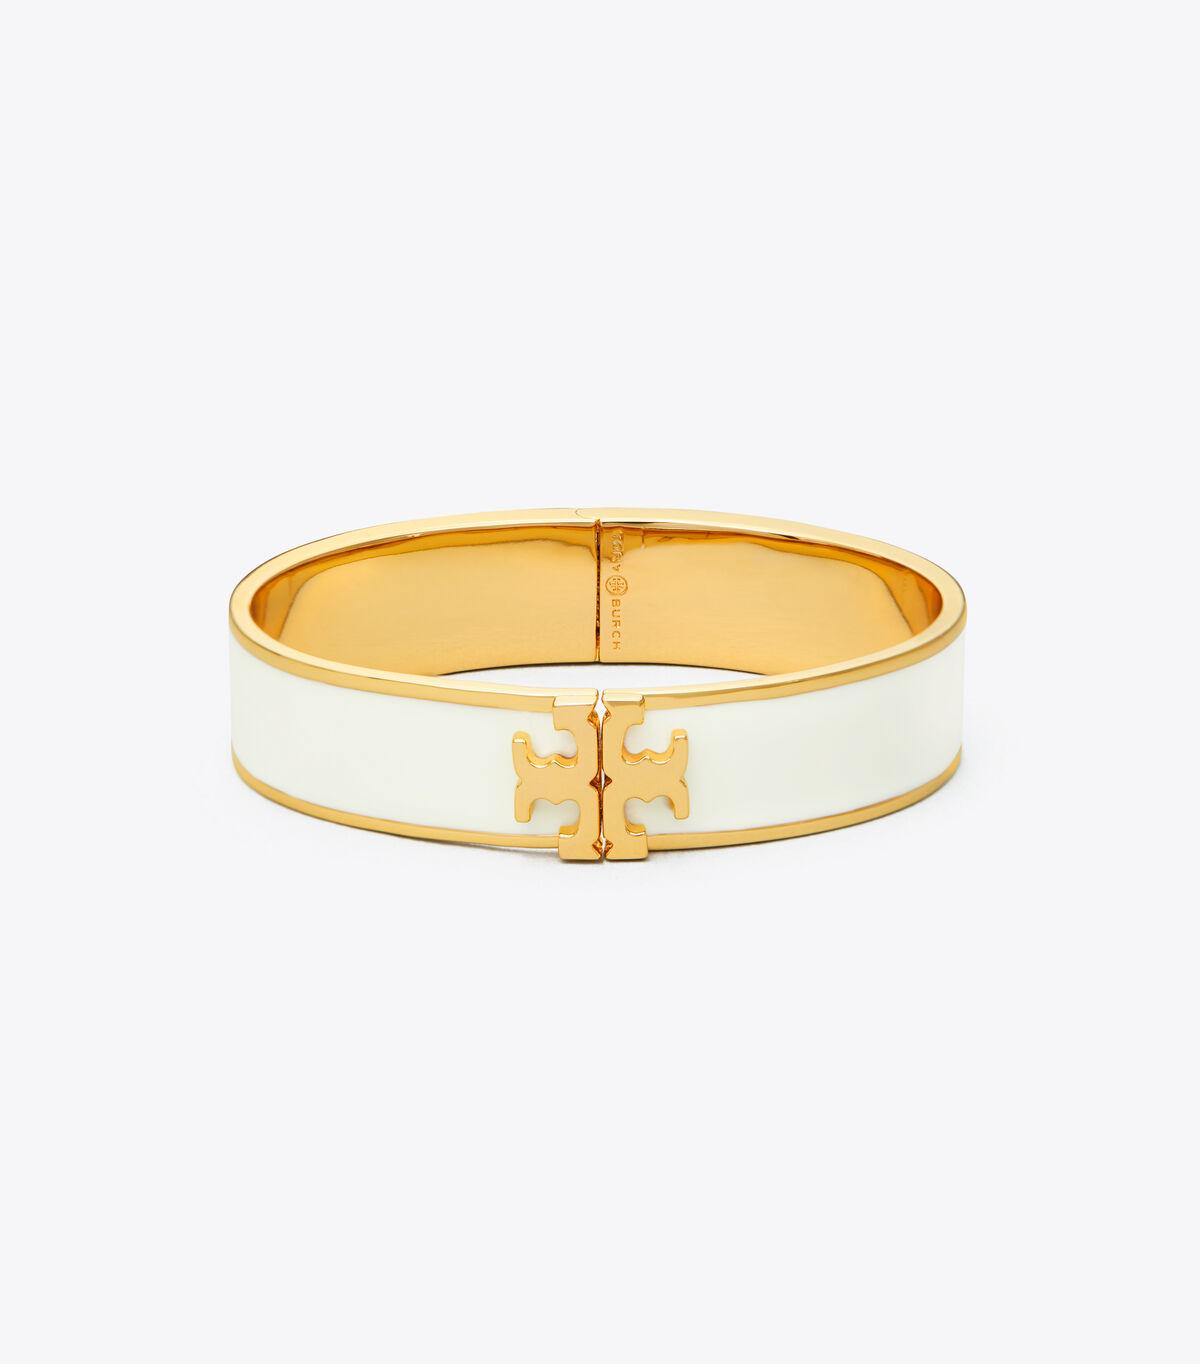 Kira Enameled Bracelet